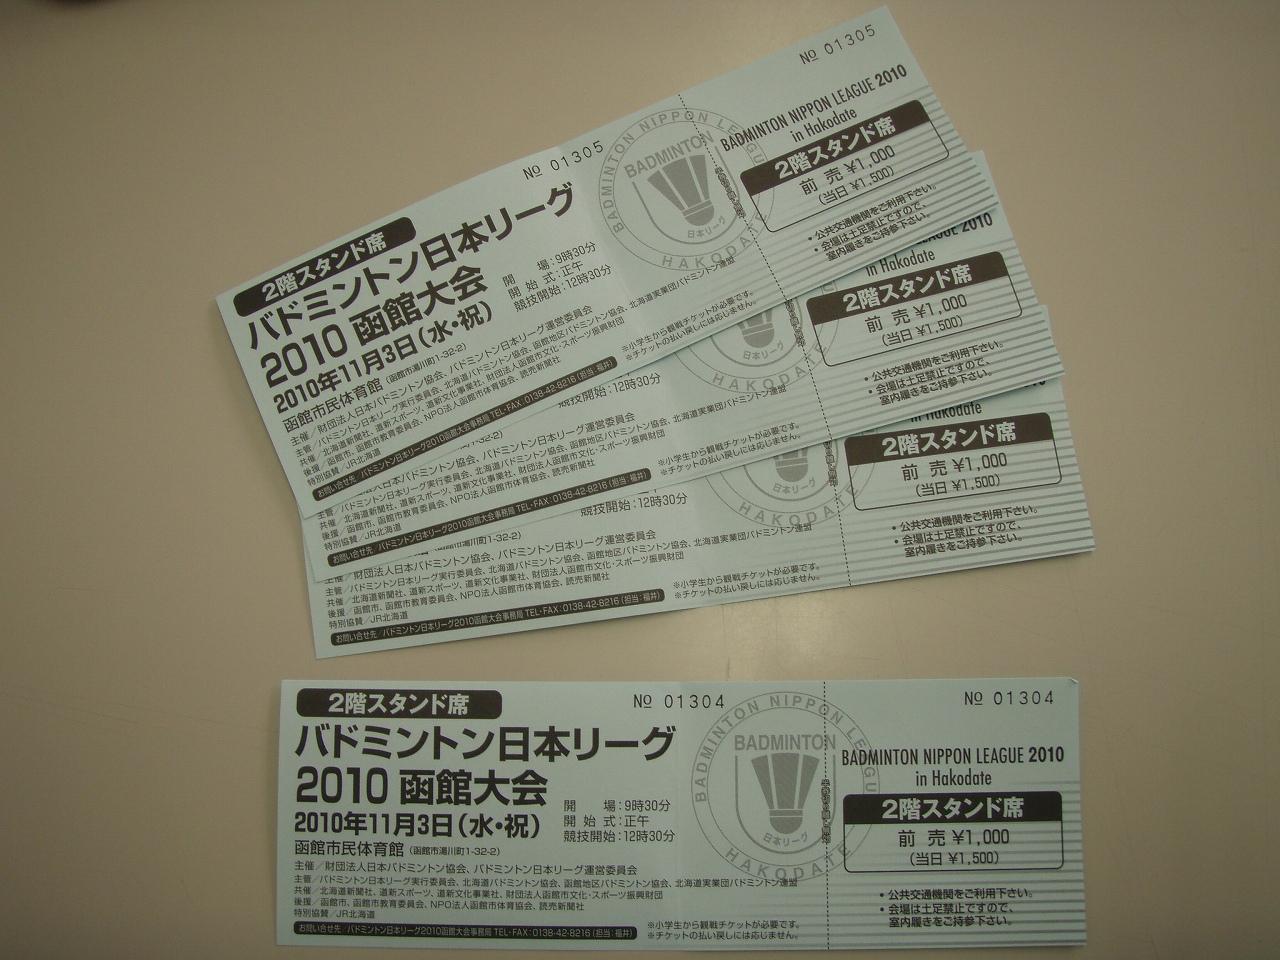 PA115776.jpg